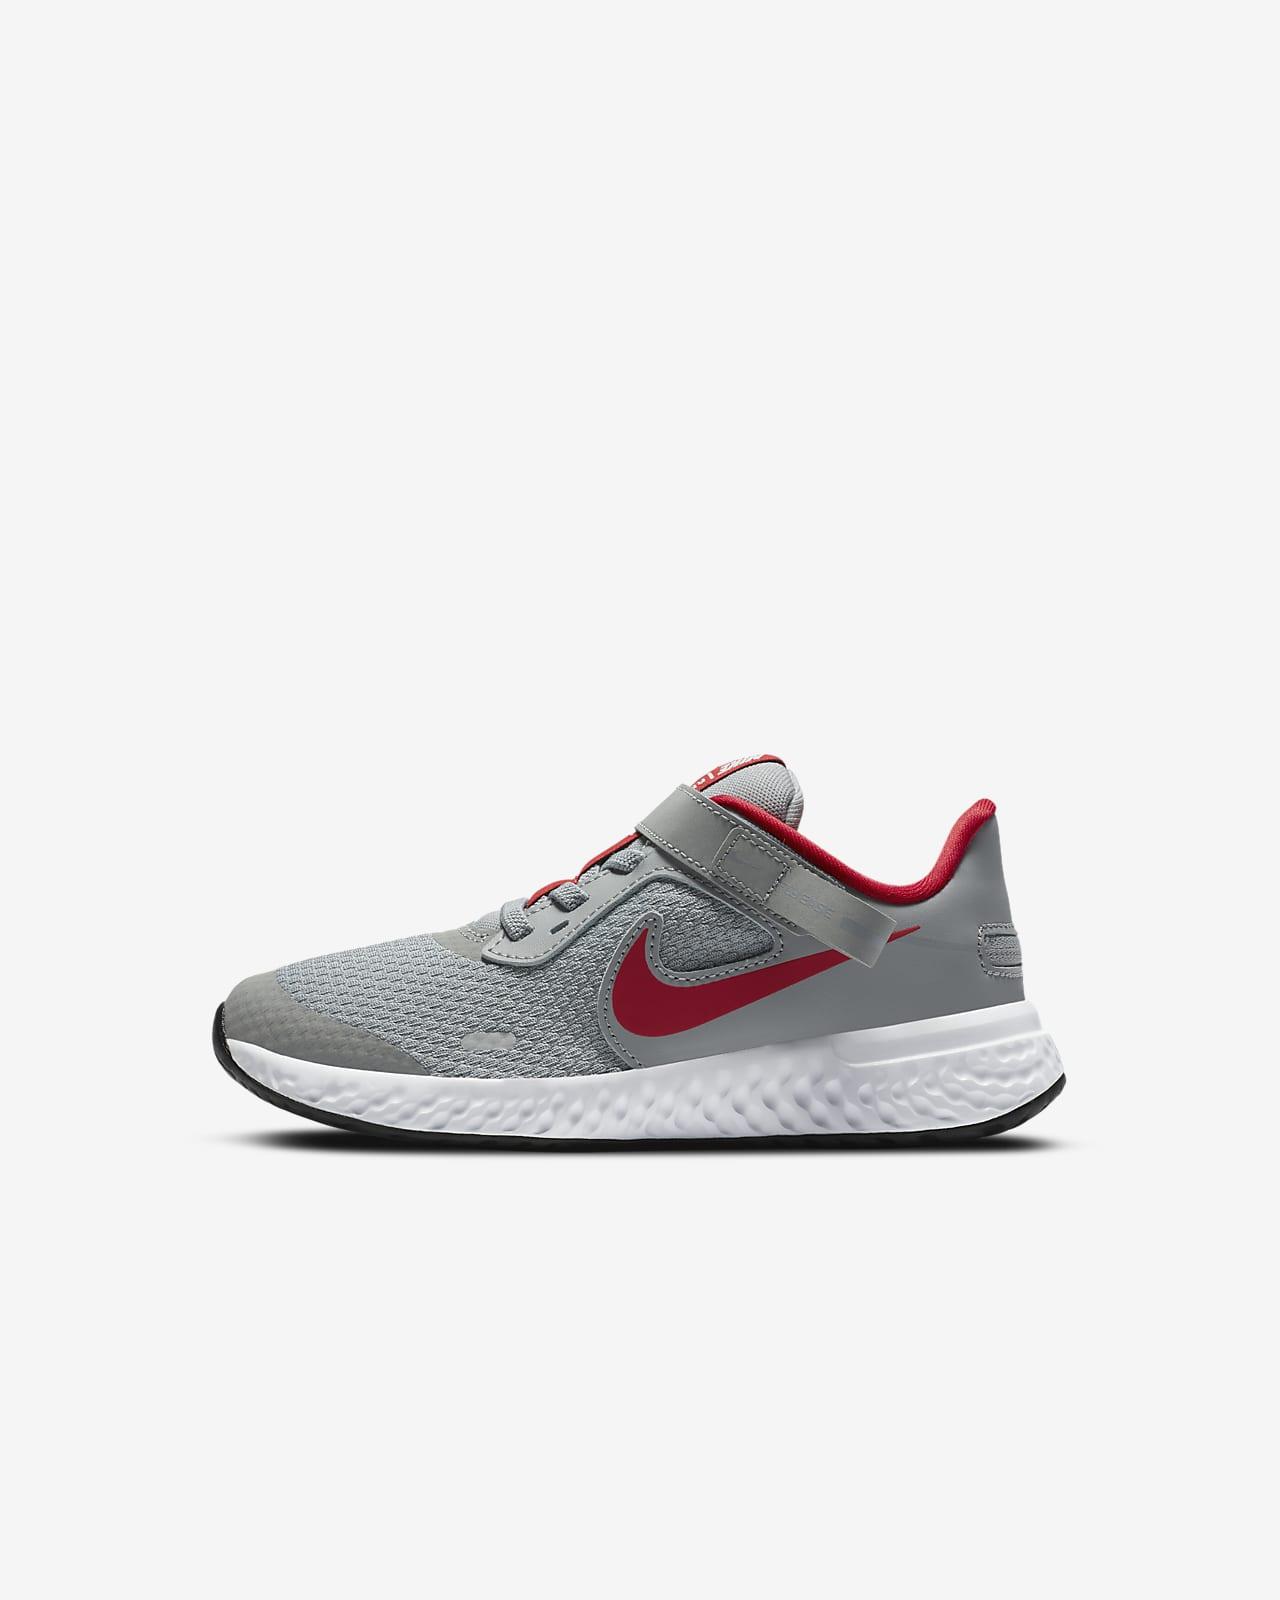 Calzado para niños talla pequeña Nike Revolution 5 FlyEase